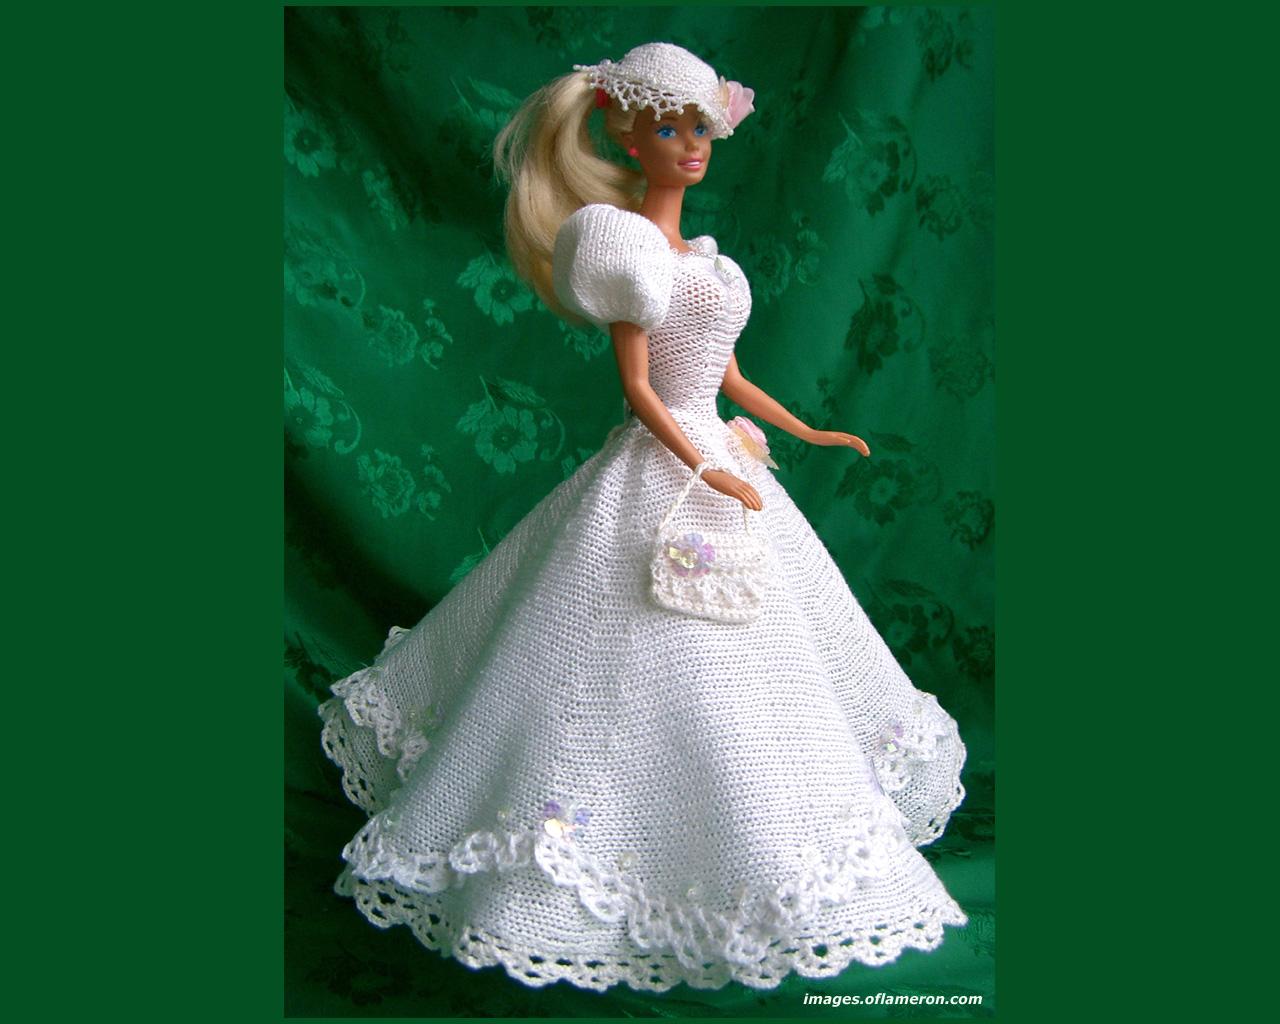 http://3.bp.blogspot.com/-jpNkDV6eJXM/TeTgbbTfvnI/AAAAAAAAAQk/nVie-S7RQC8/s1600/white-dress%255B1%255D.jpg